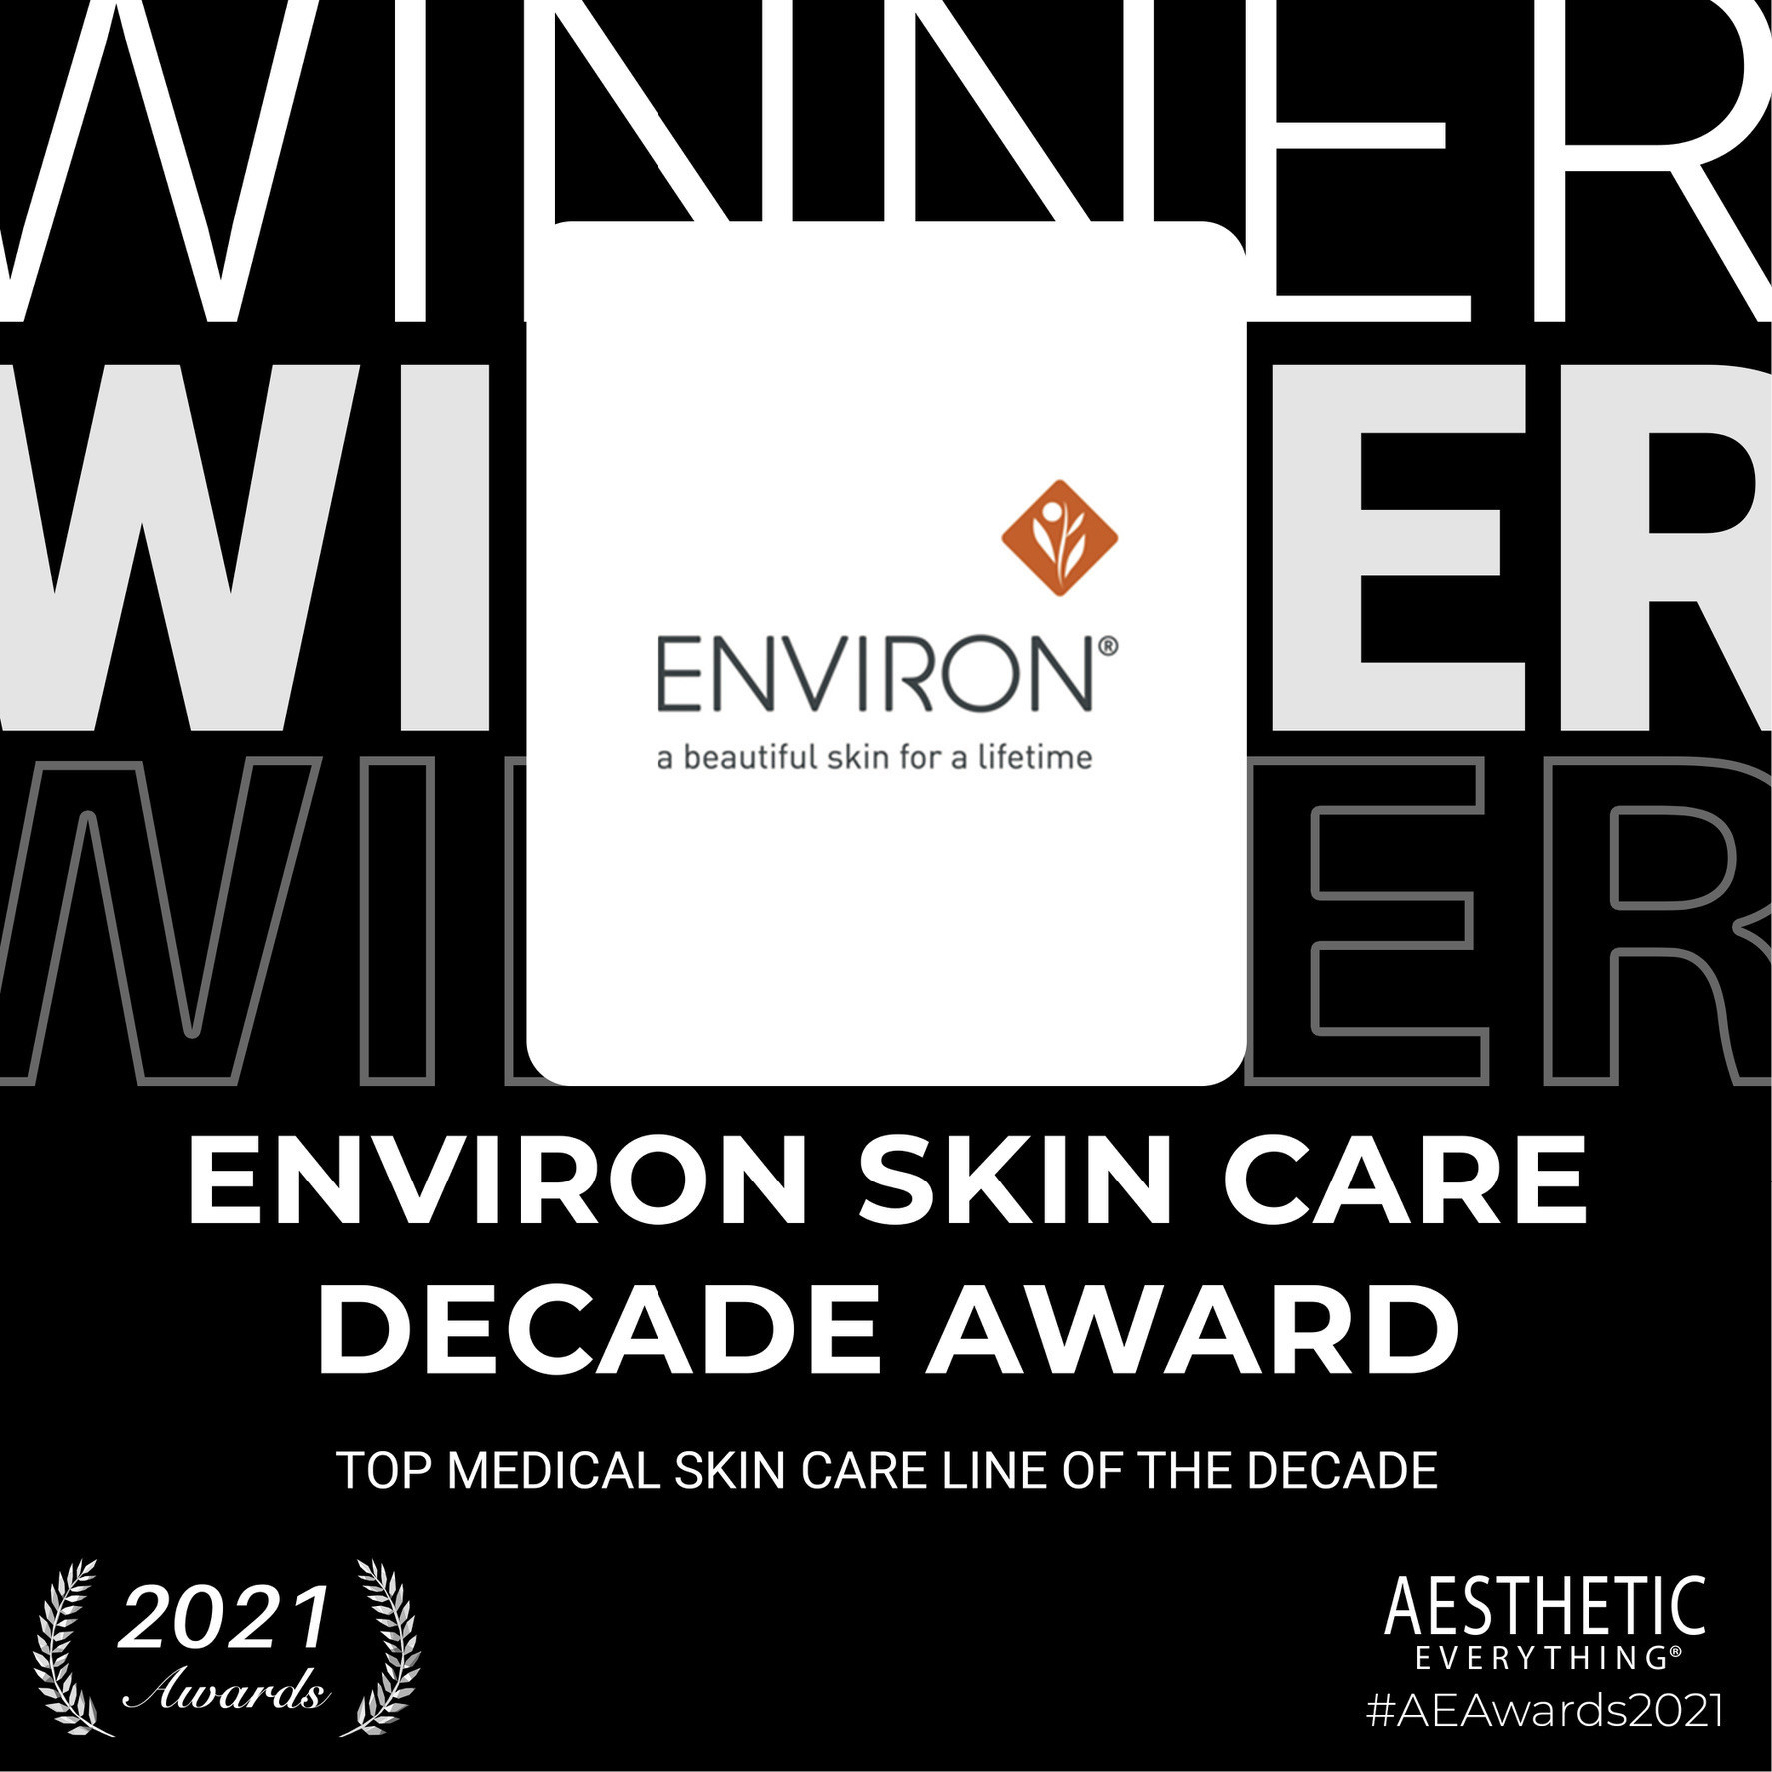 Environ Skin Care